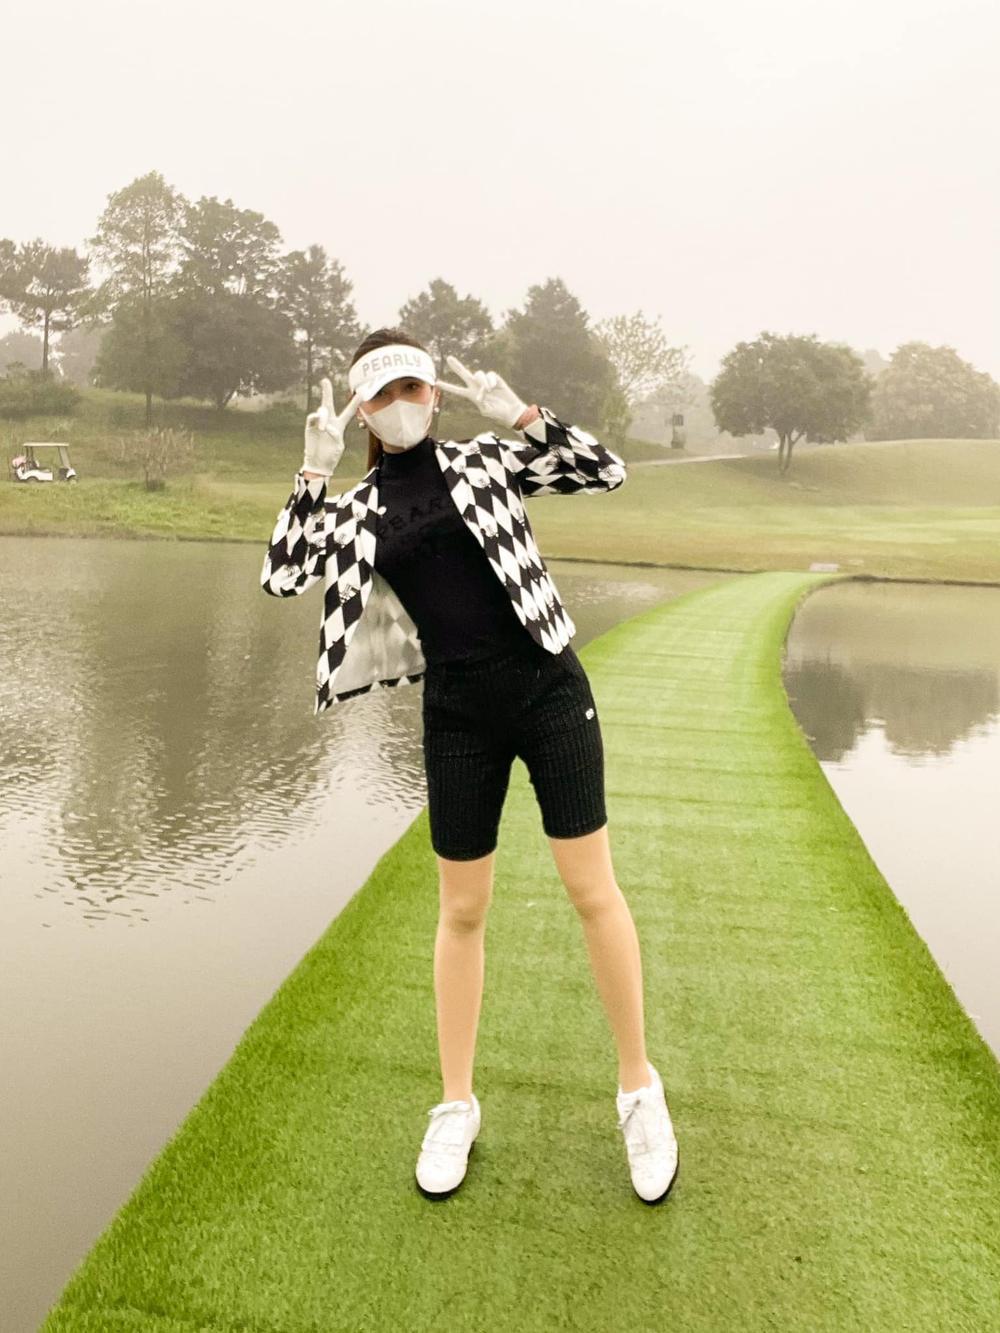 Á hậu Huyền My diện set đồ đánh golf như quý tộc Anh, khoe chân thon cực phẩm Ảnh 10